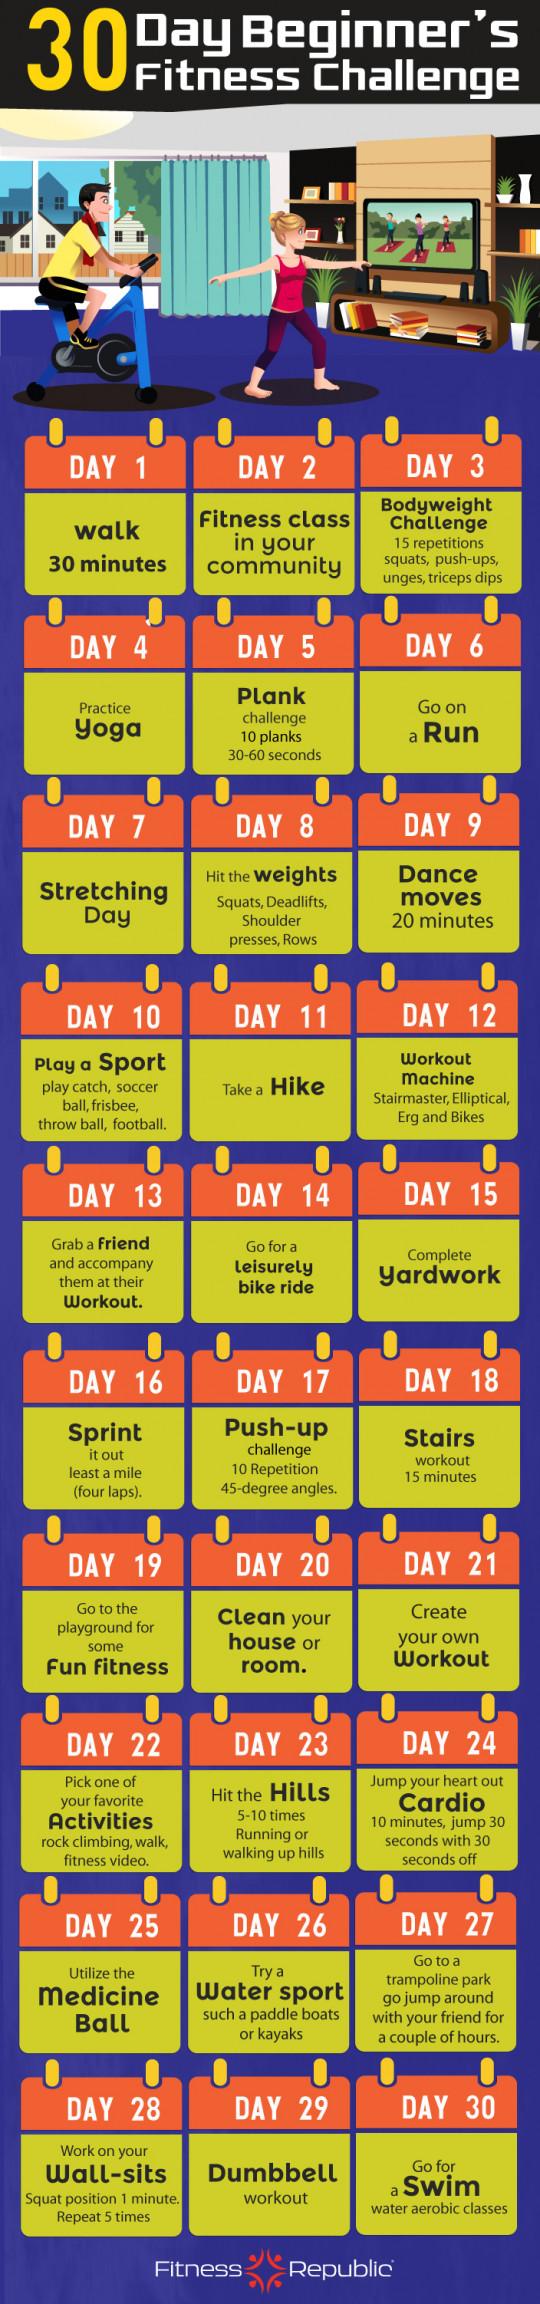 30 Day Beginner